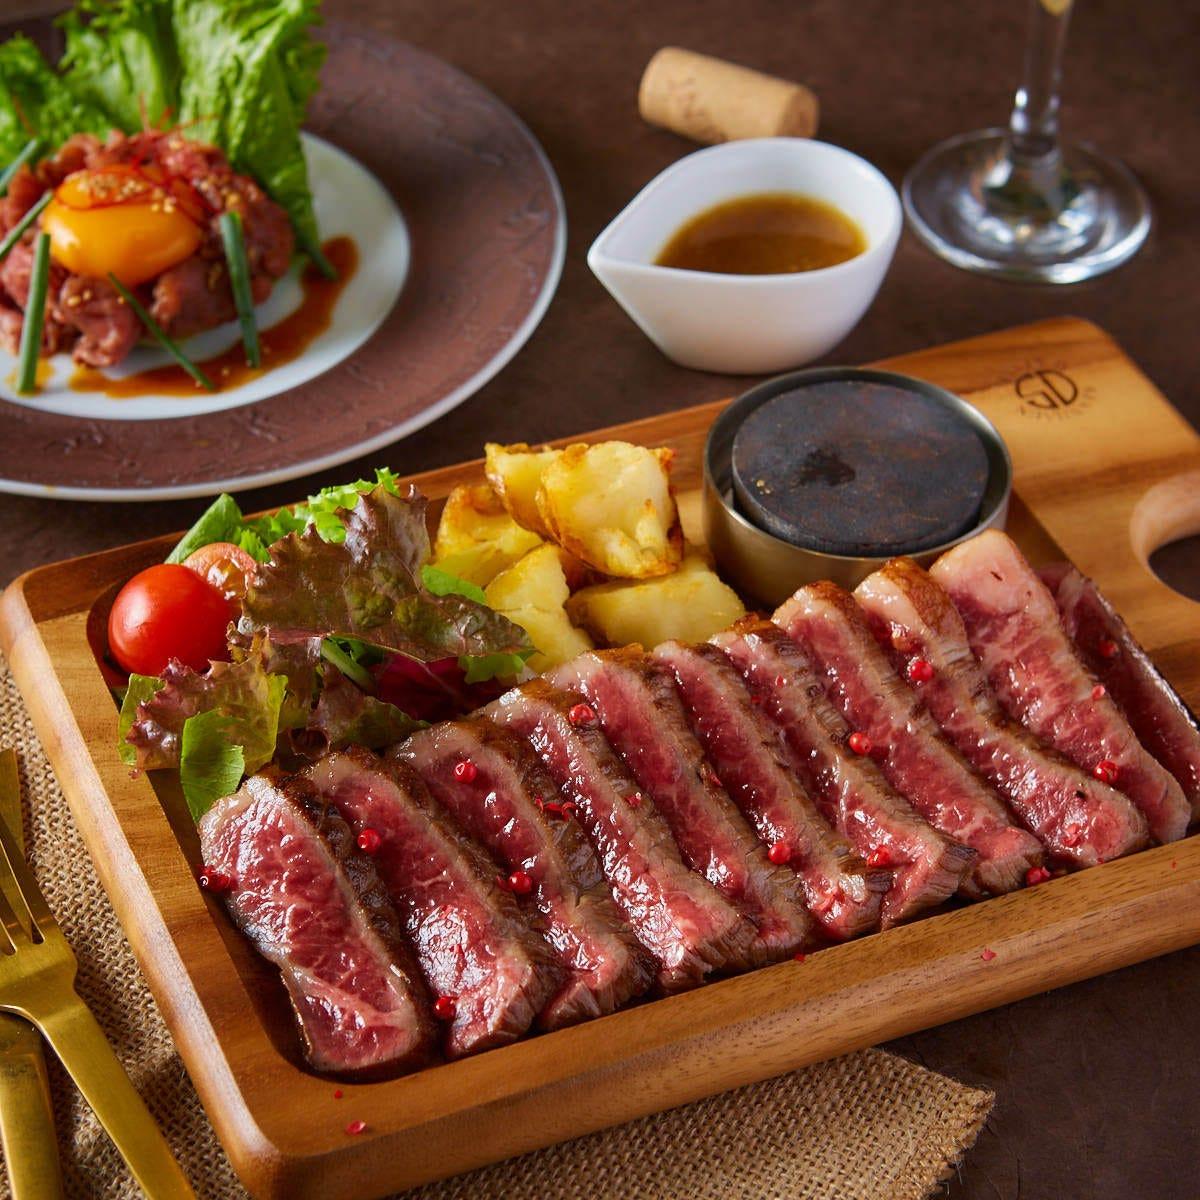 「熟成肉」の低価格化を実現!口溶けがよく、味の深みが特徴。